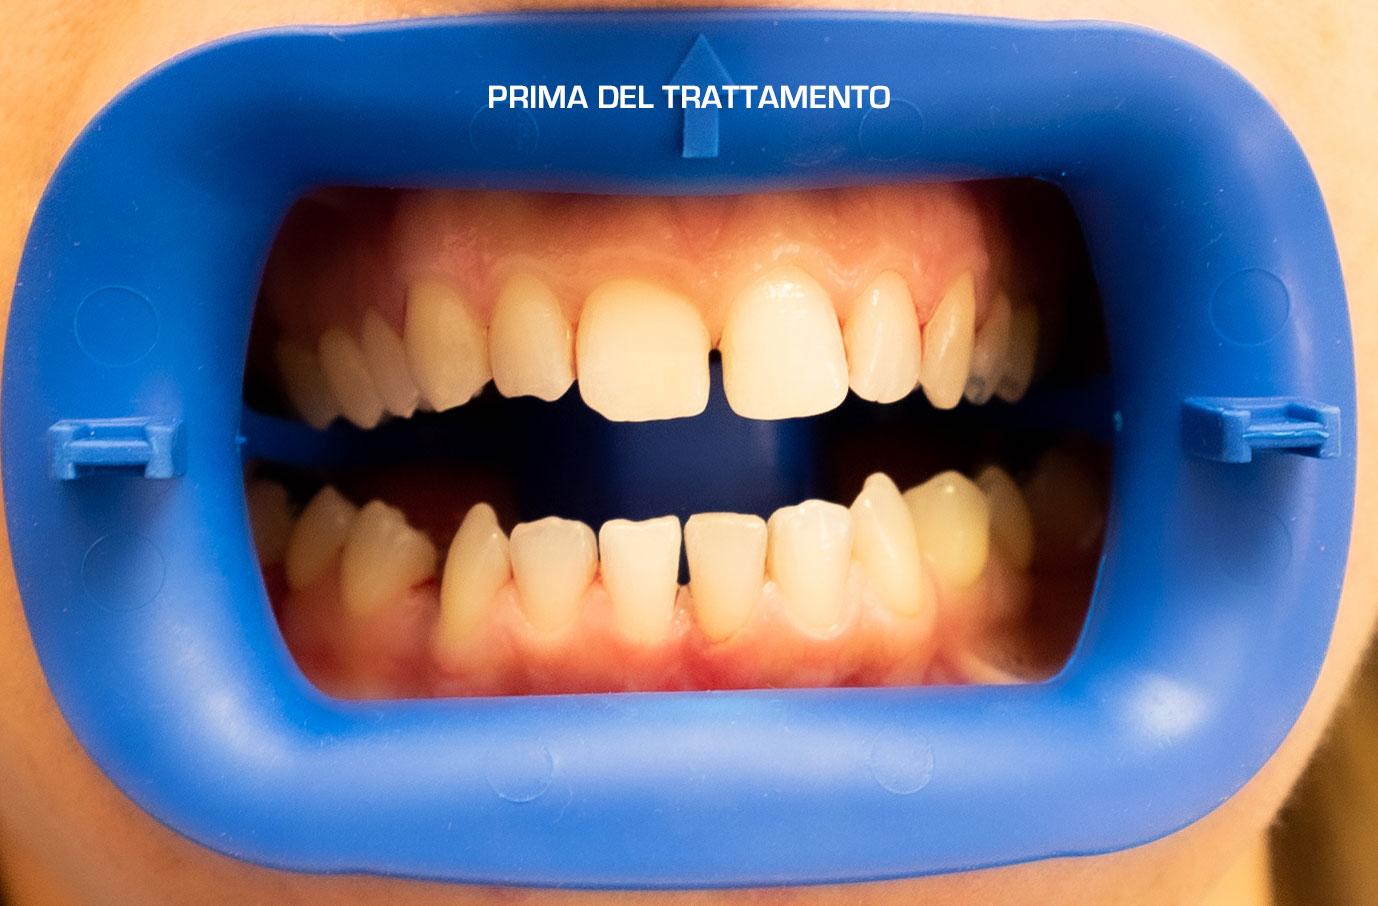 invisalign-raddrizzare-denti-storti-sbiancamento-denti